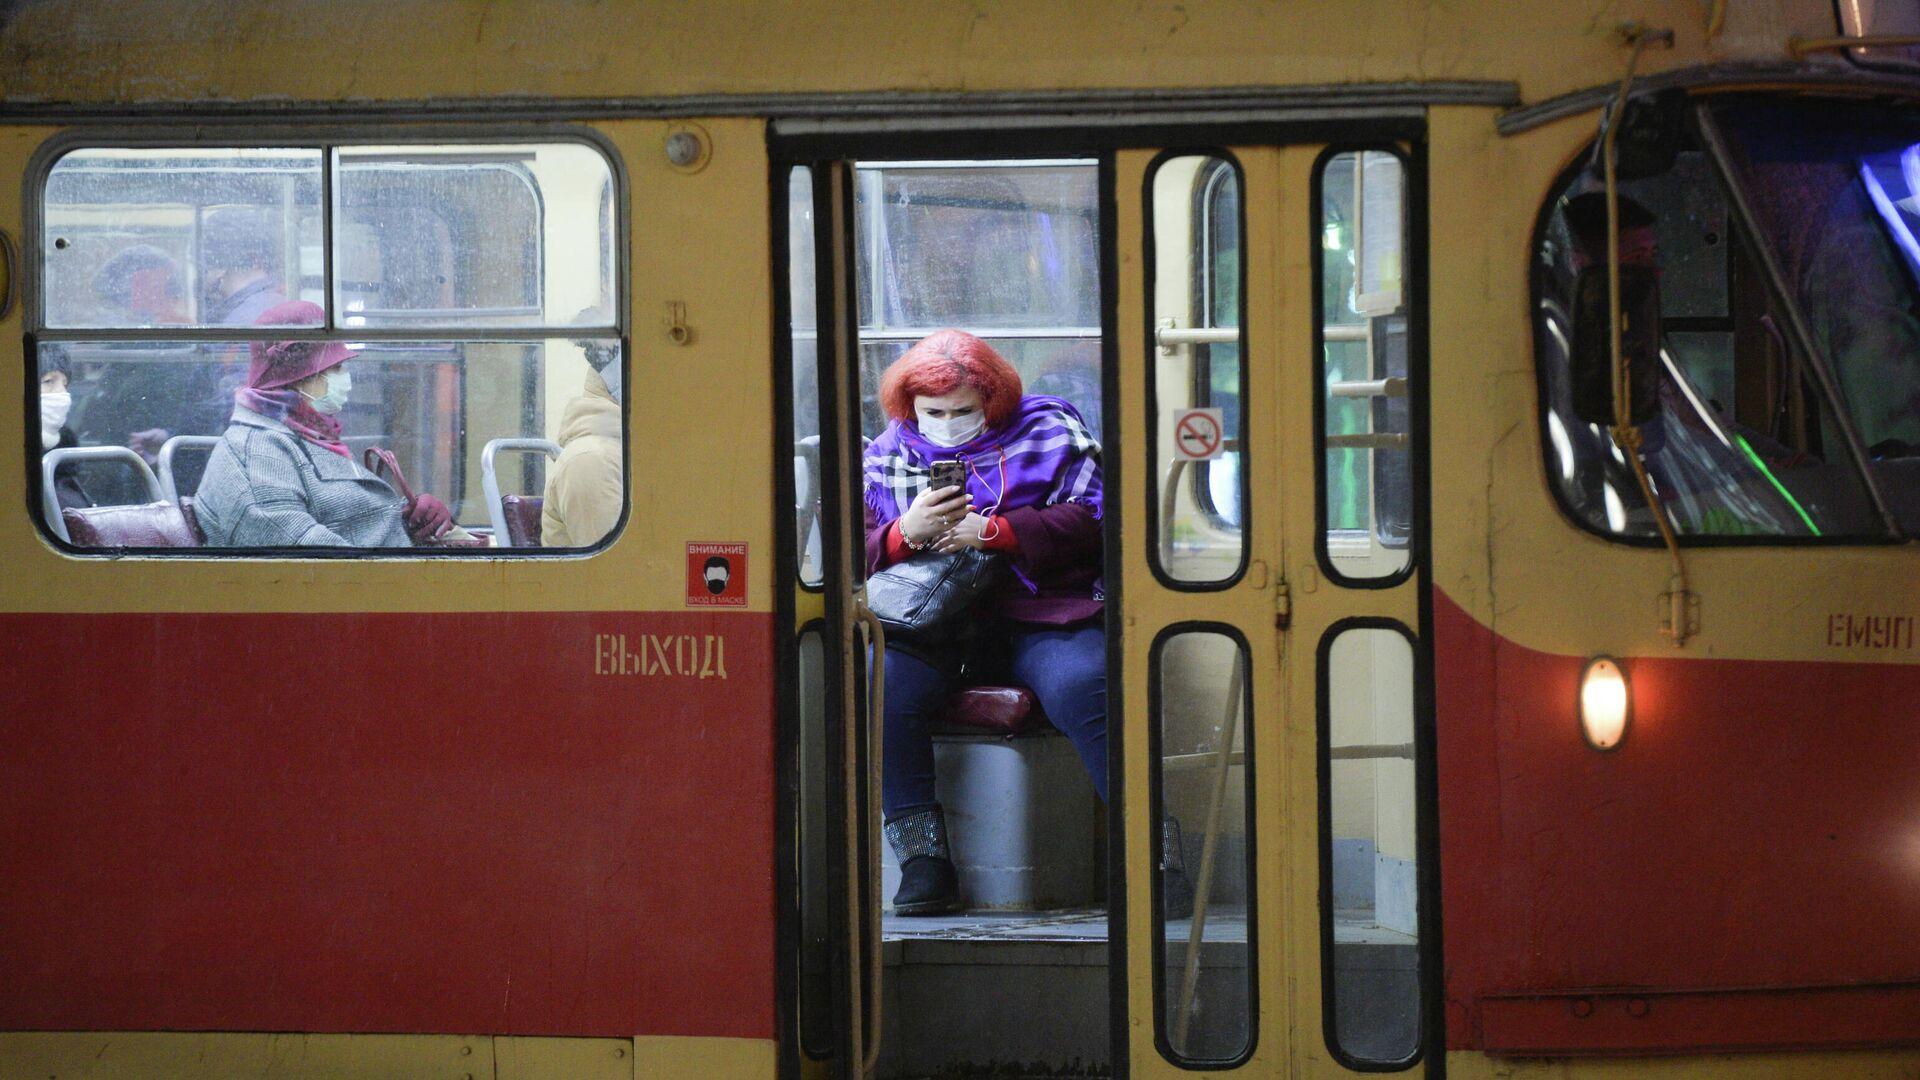 Пассажиры трамвая в защитных масках в Екатеринбурге - РИА Новости, 1920, 25.11.2020